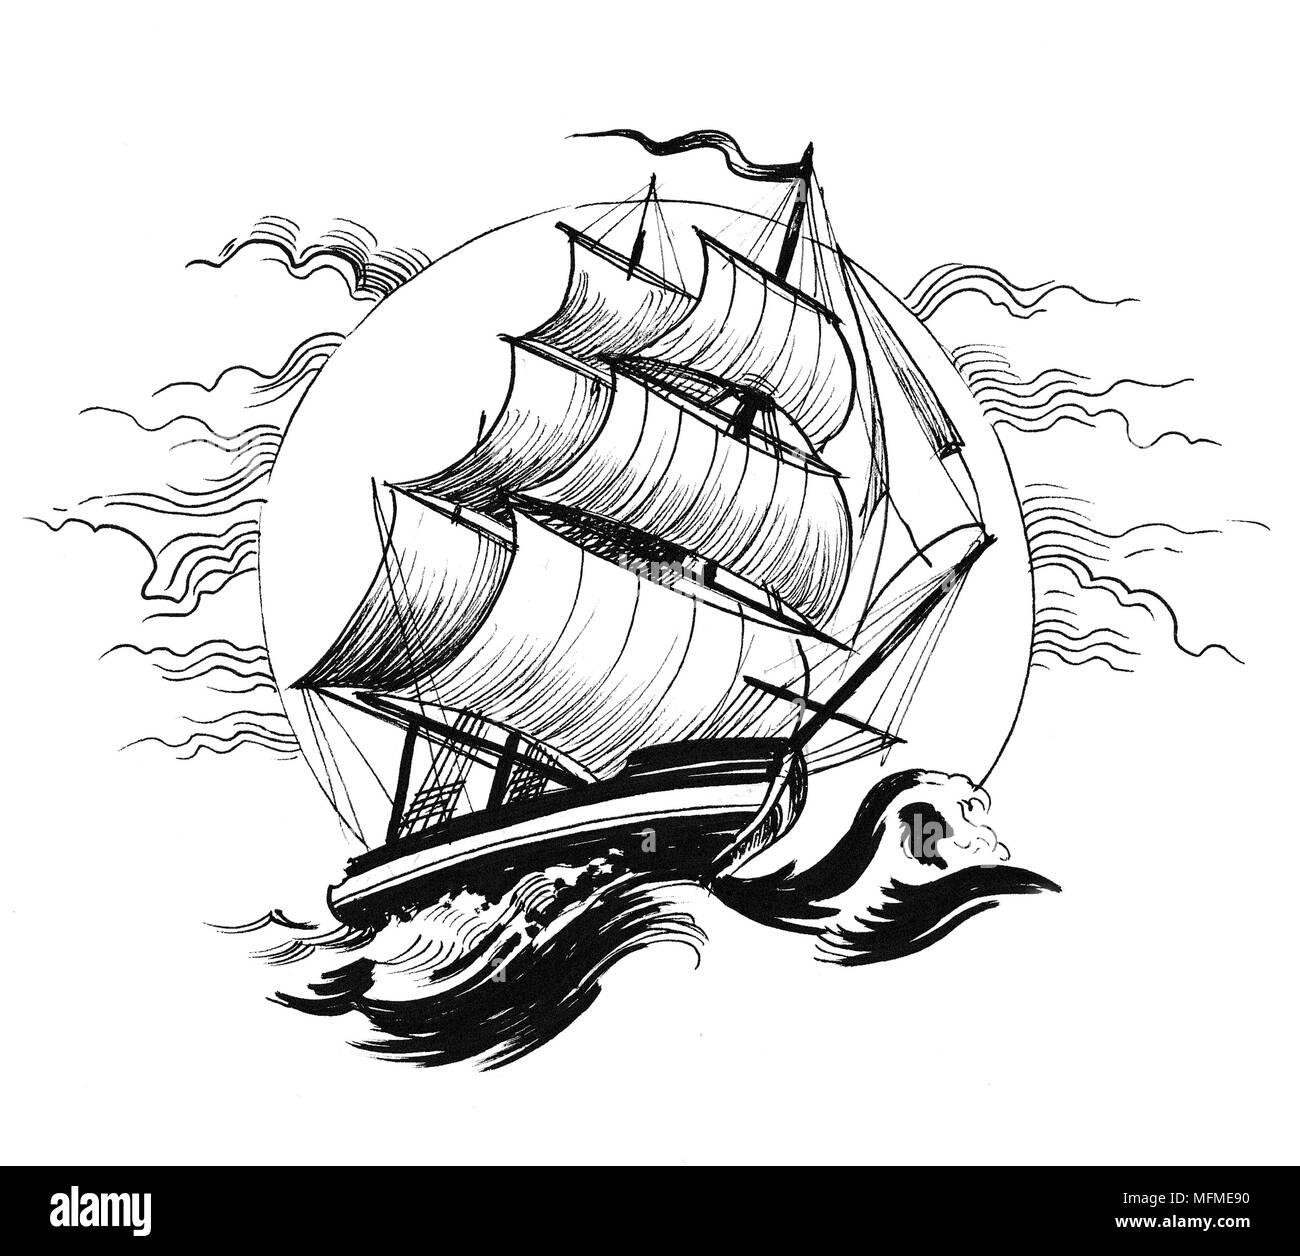 Navire A Voile En Mer Agitee Dessin Noir Et Blanc Encre Banque D